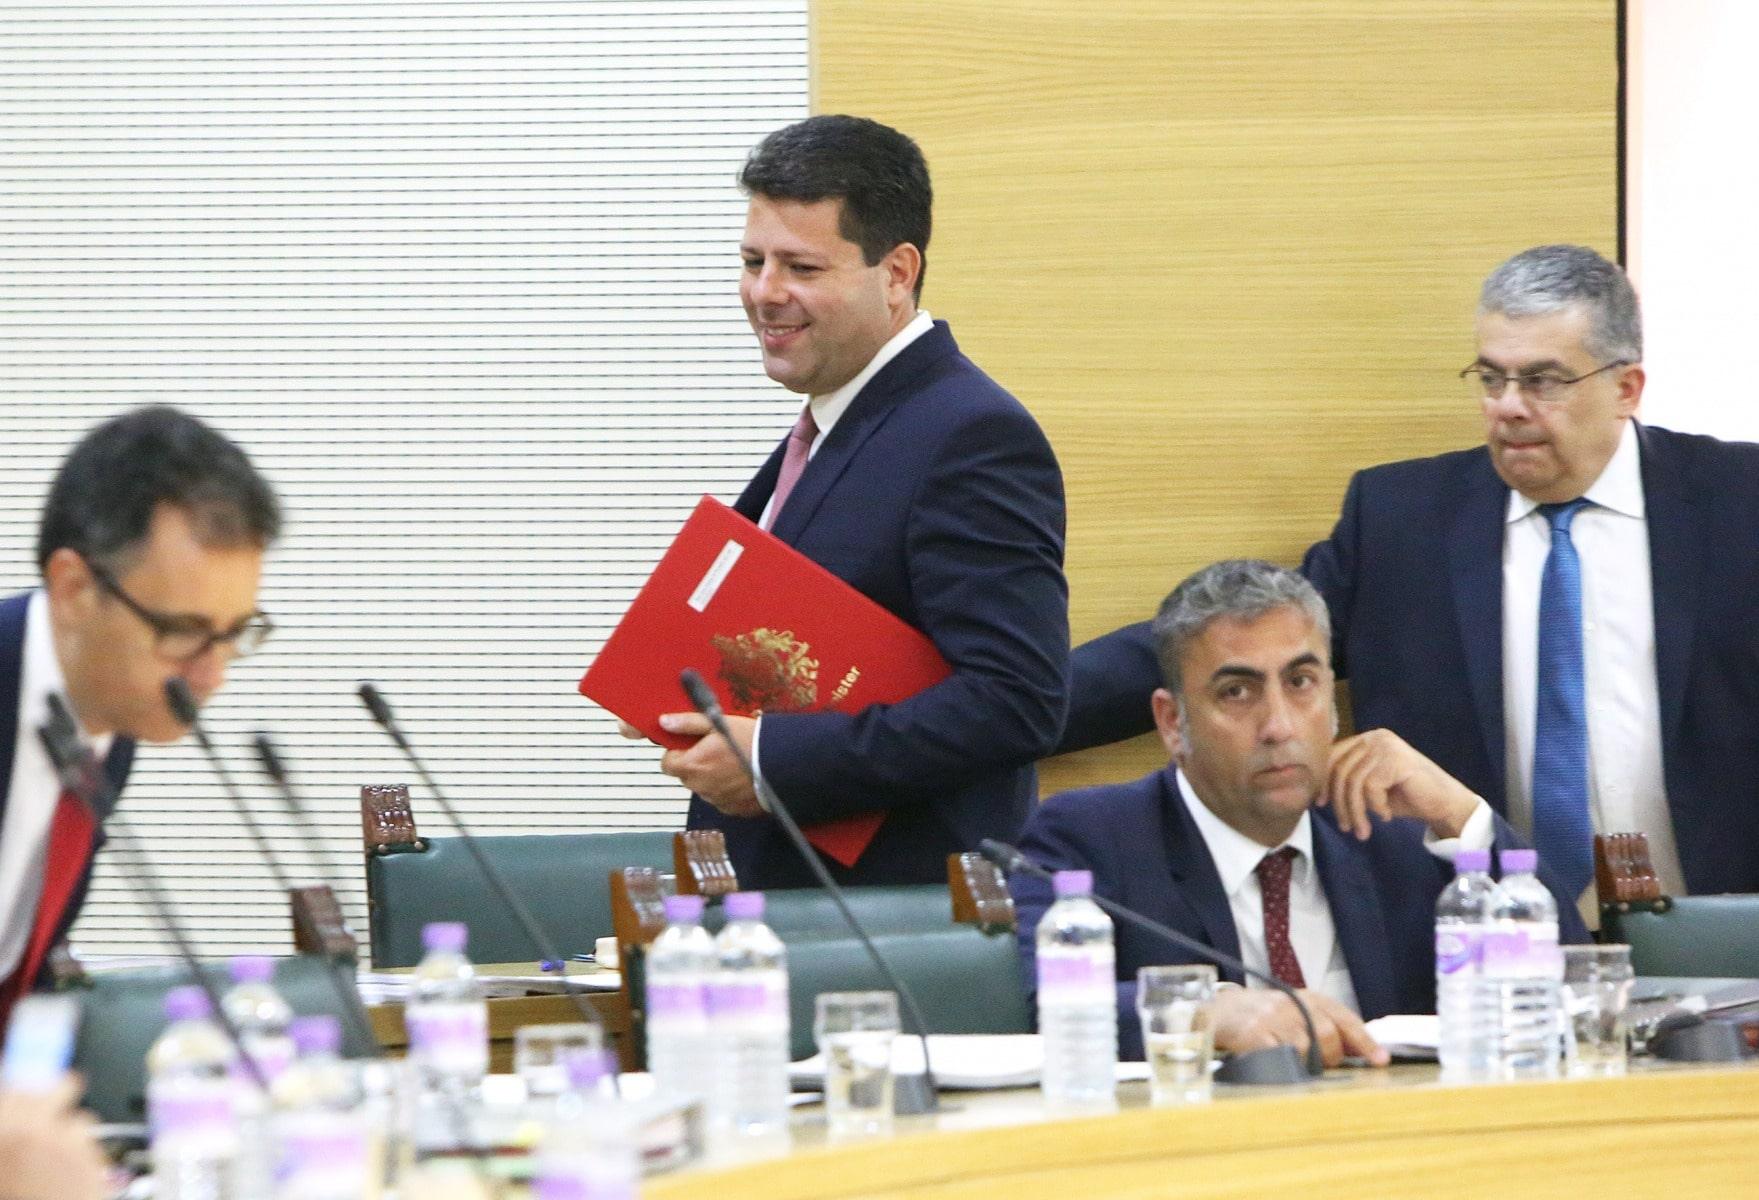 24-jun-2016-comparecencia-de-fabin-picardo-en-el-parlamento-de-gibraltar-tras-referndum-permanencia-ru-en-ue-6_27844264746_o